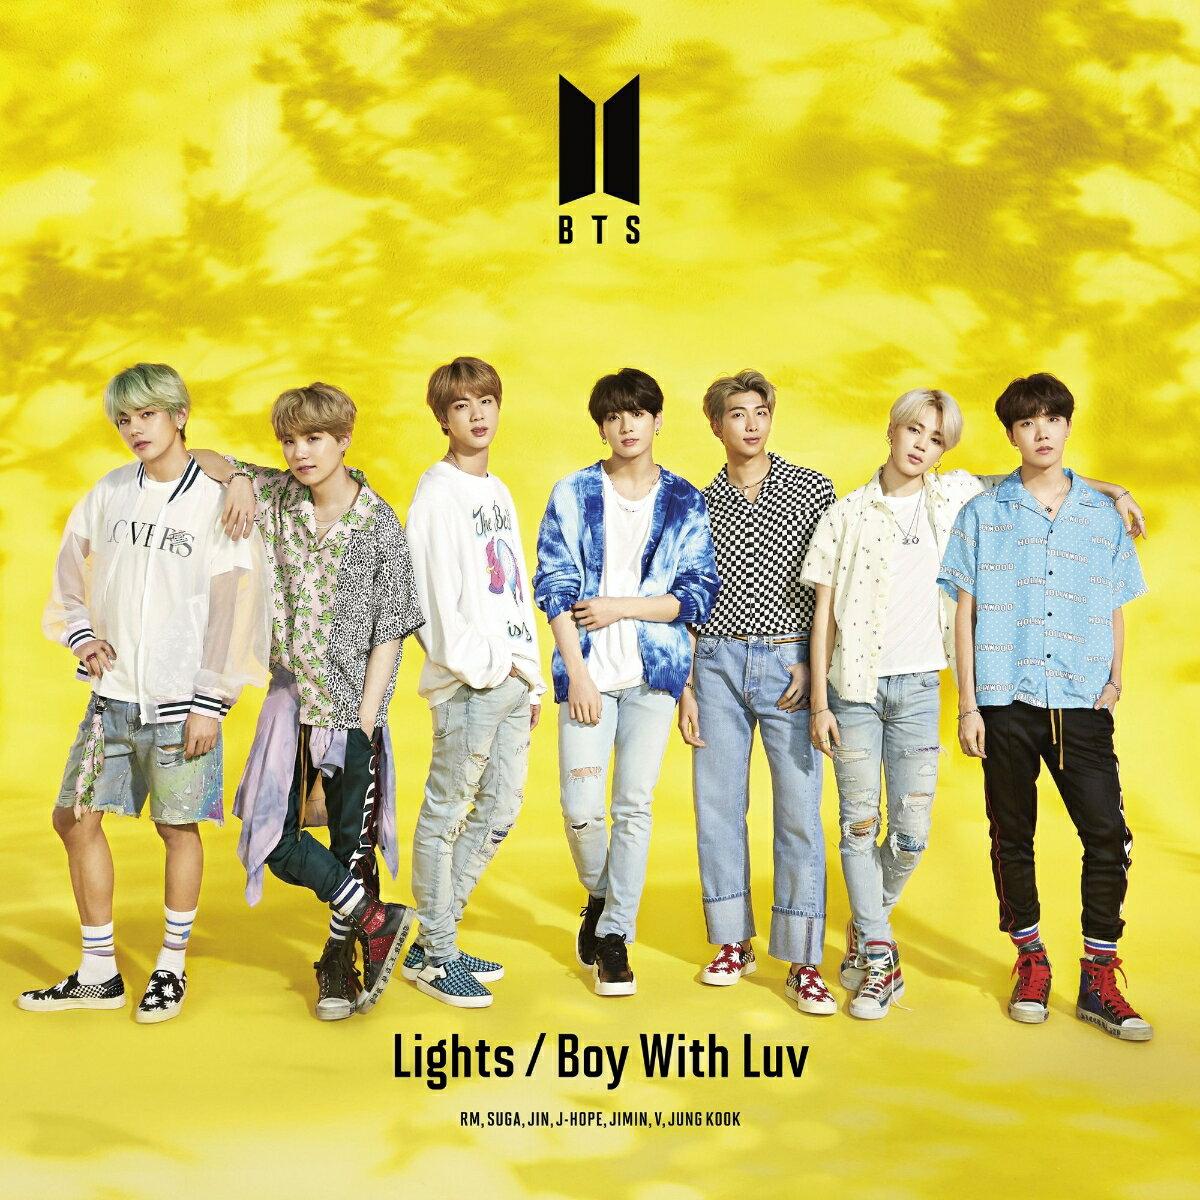 邦楽, ロック・ポップス LightsBoy With Luv (A CDDVD) BTS